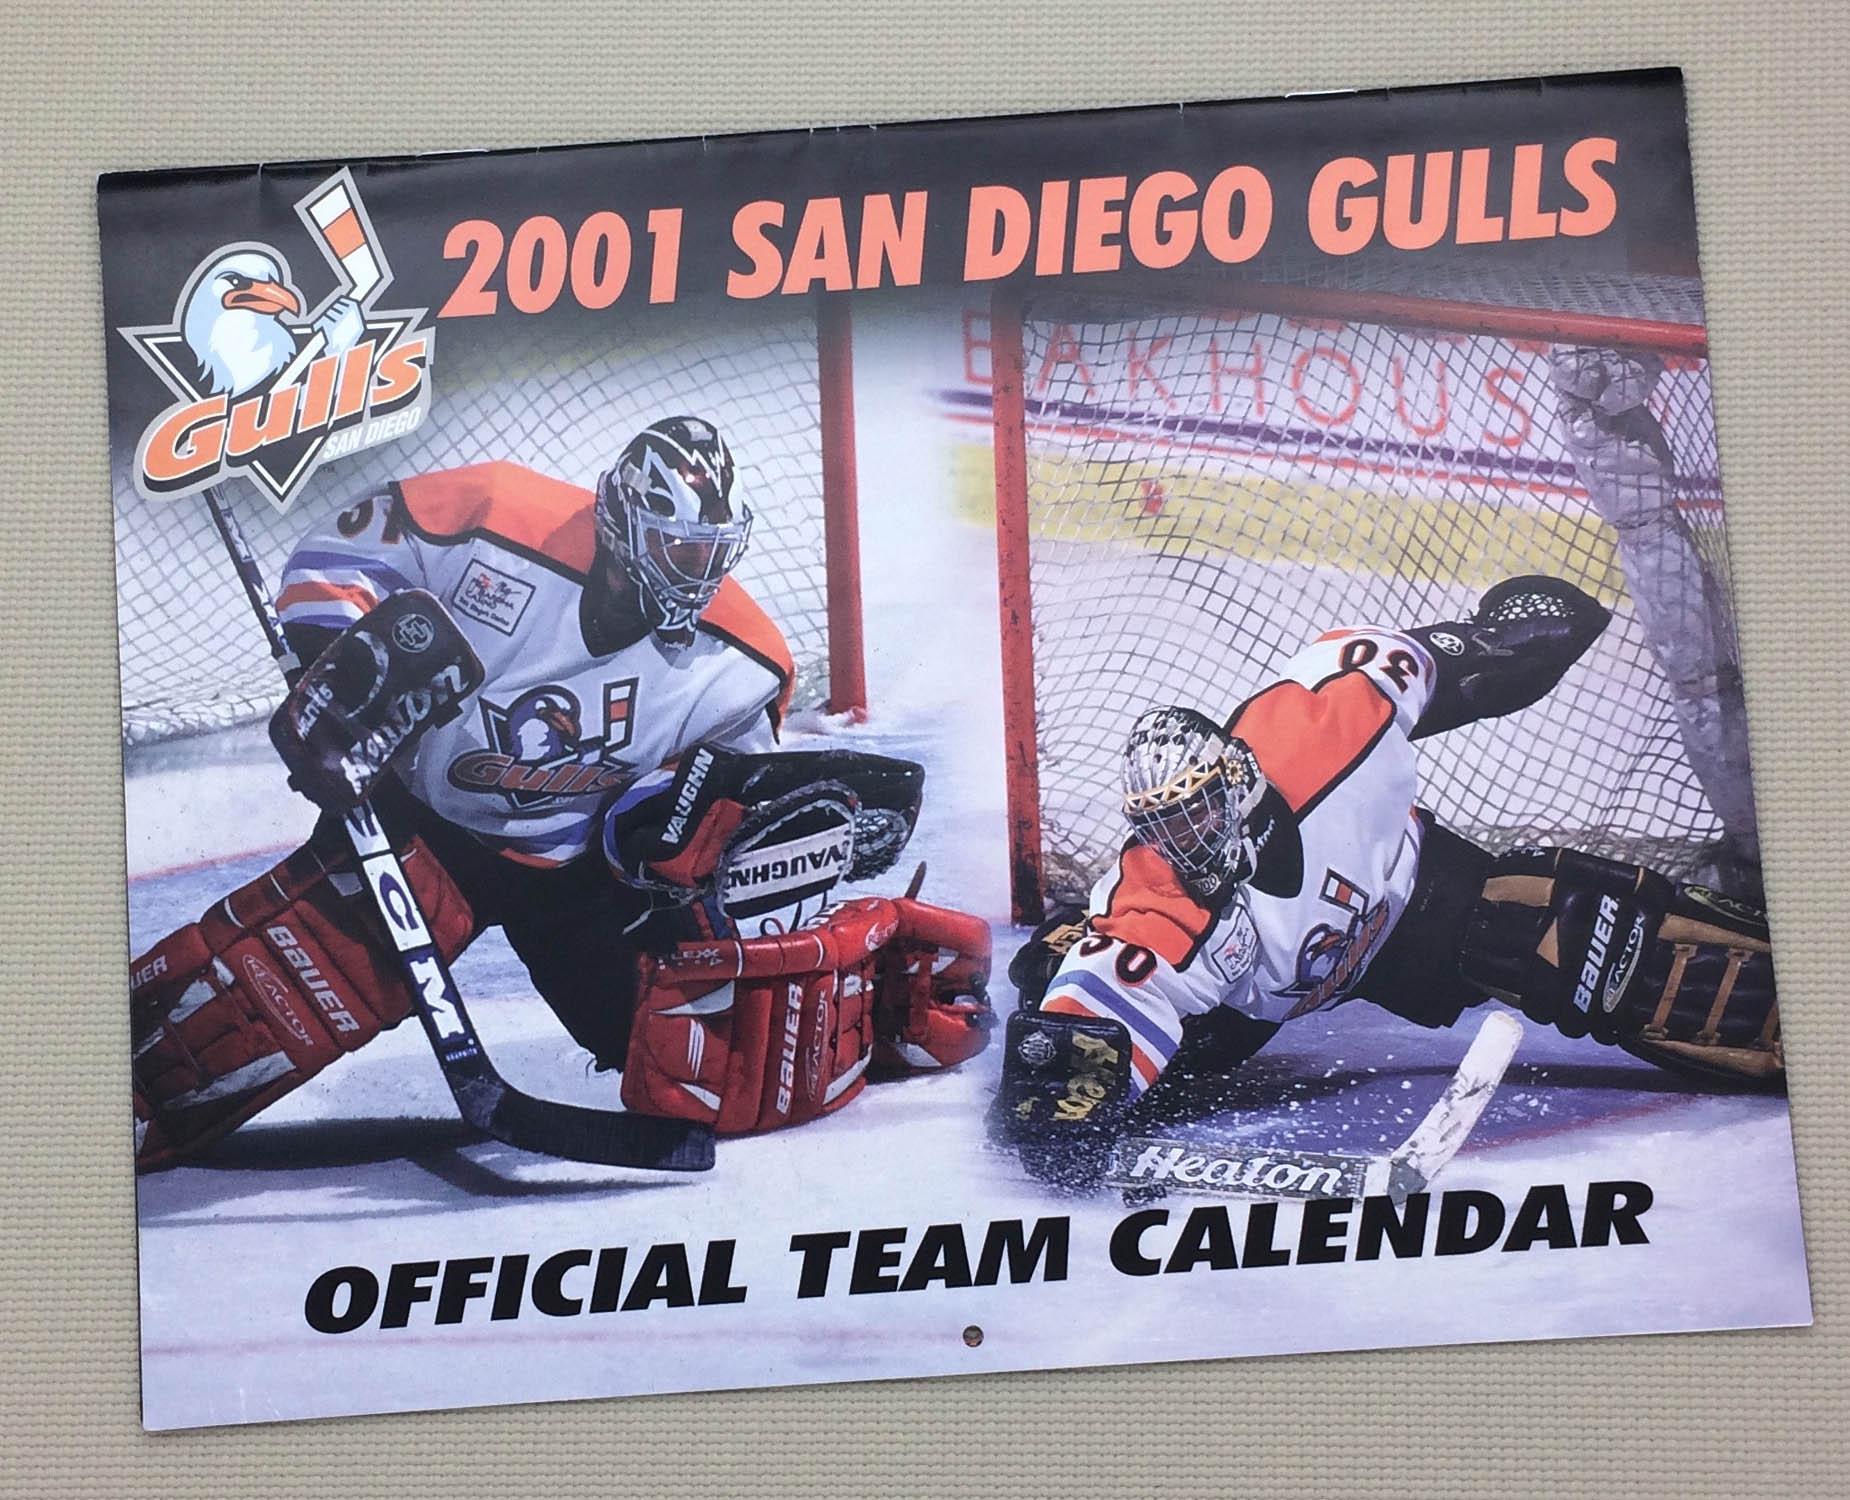 San Diego Gulls 2001 Calendar